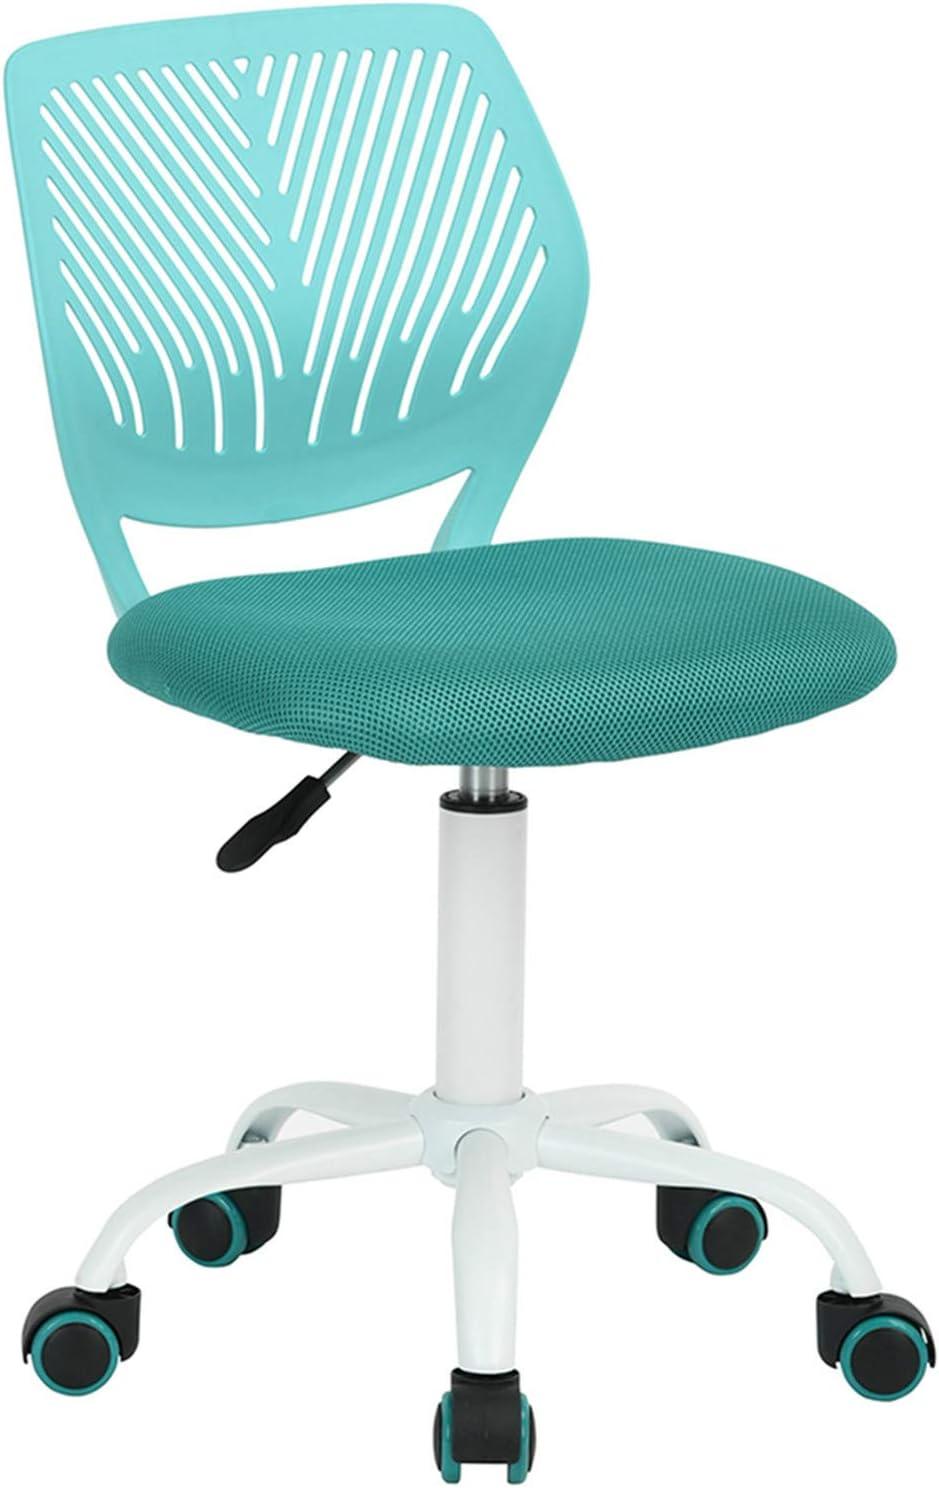 GreenForest  chair